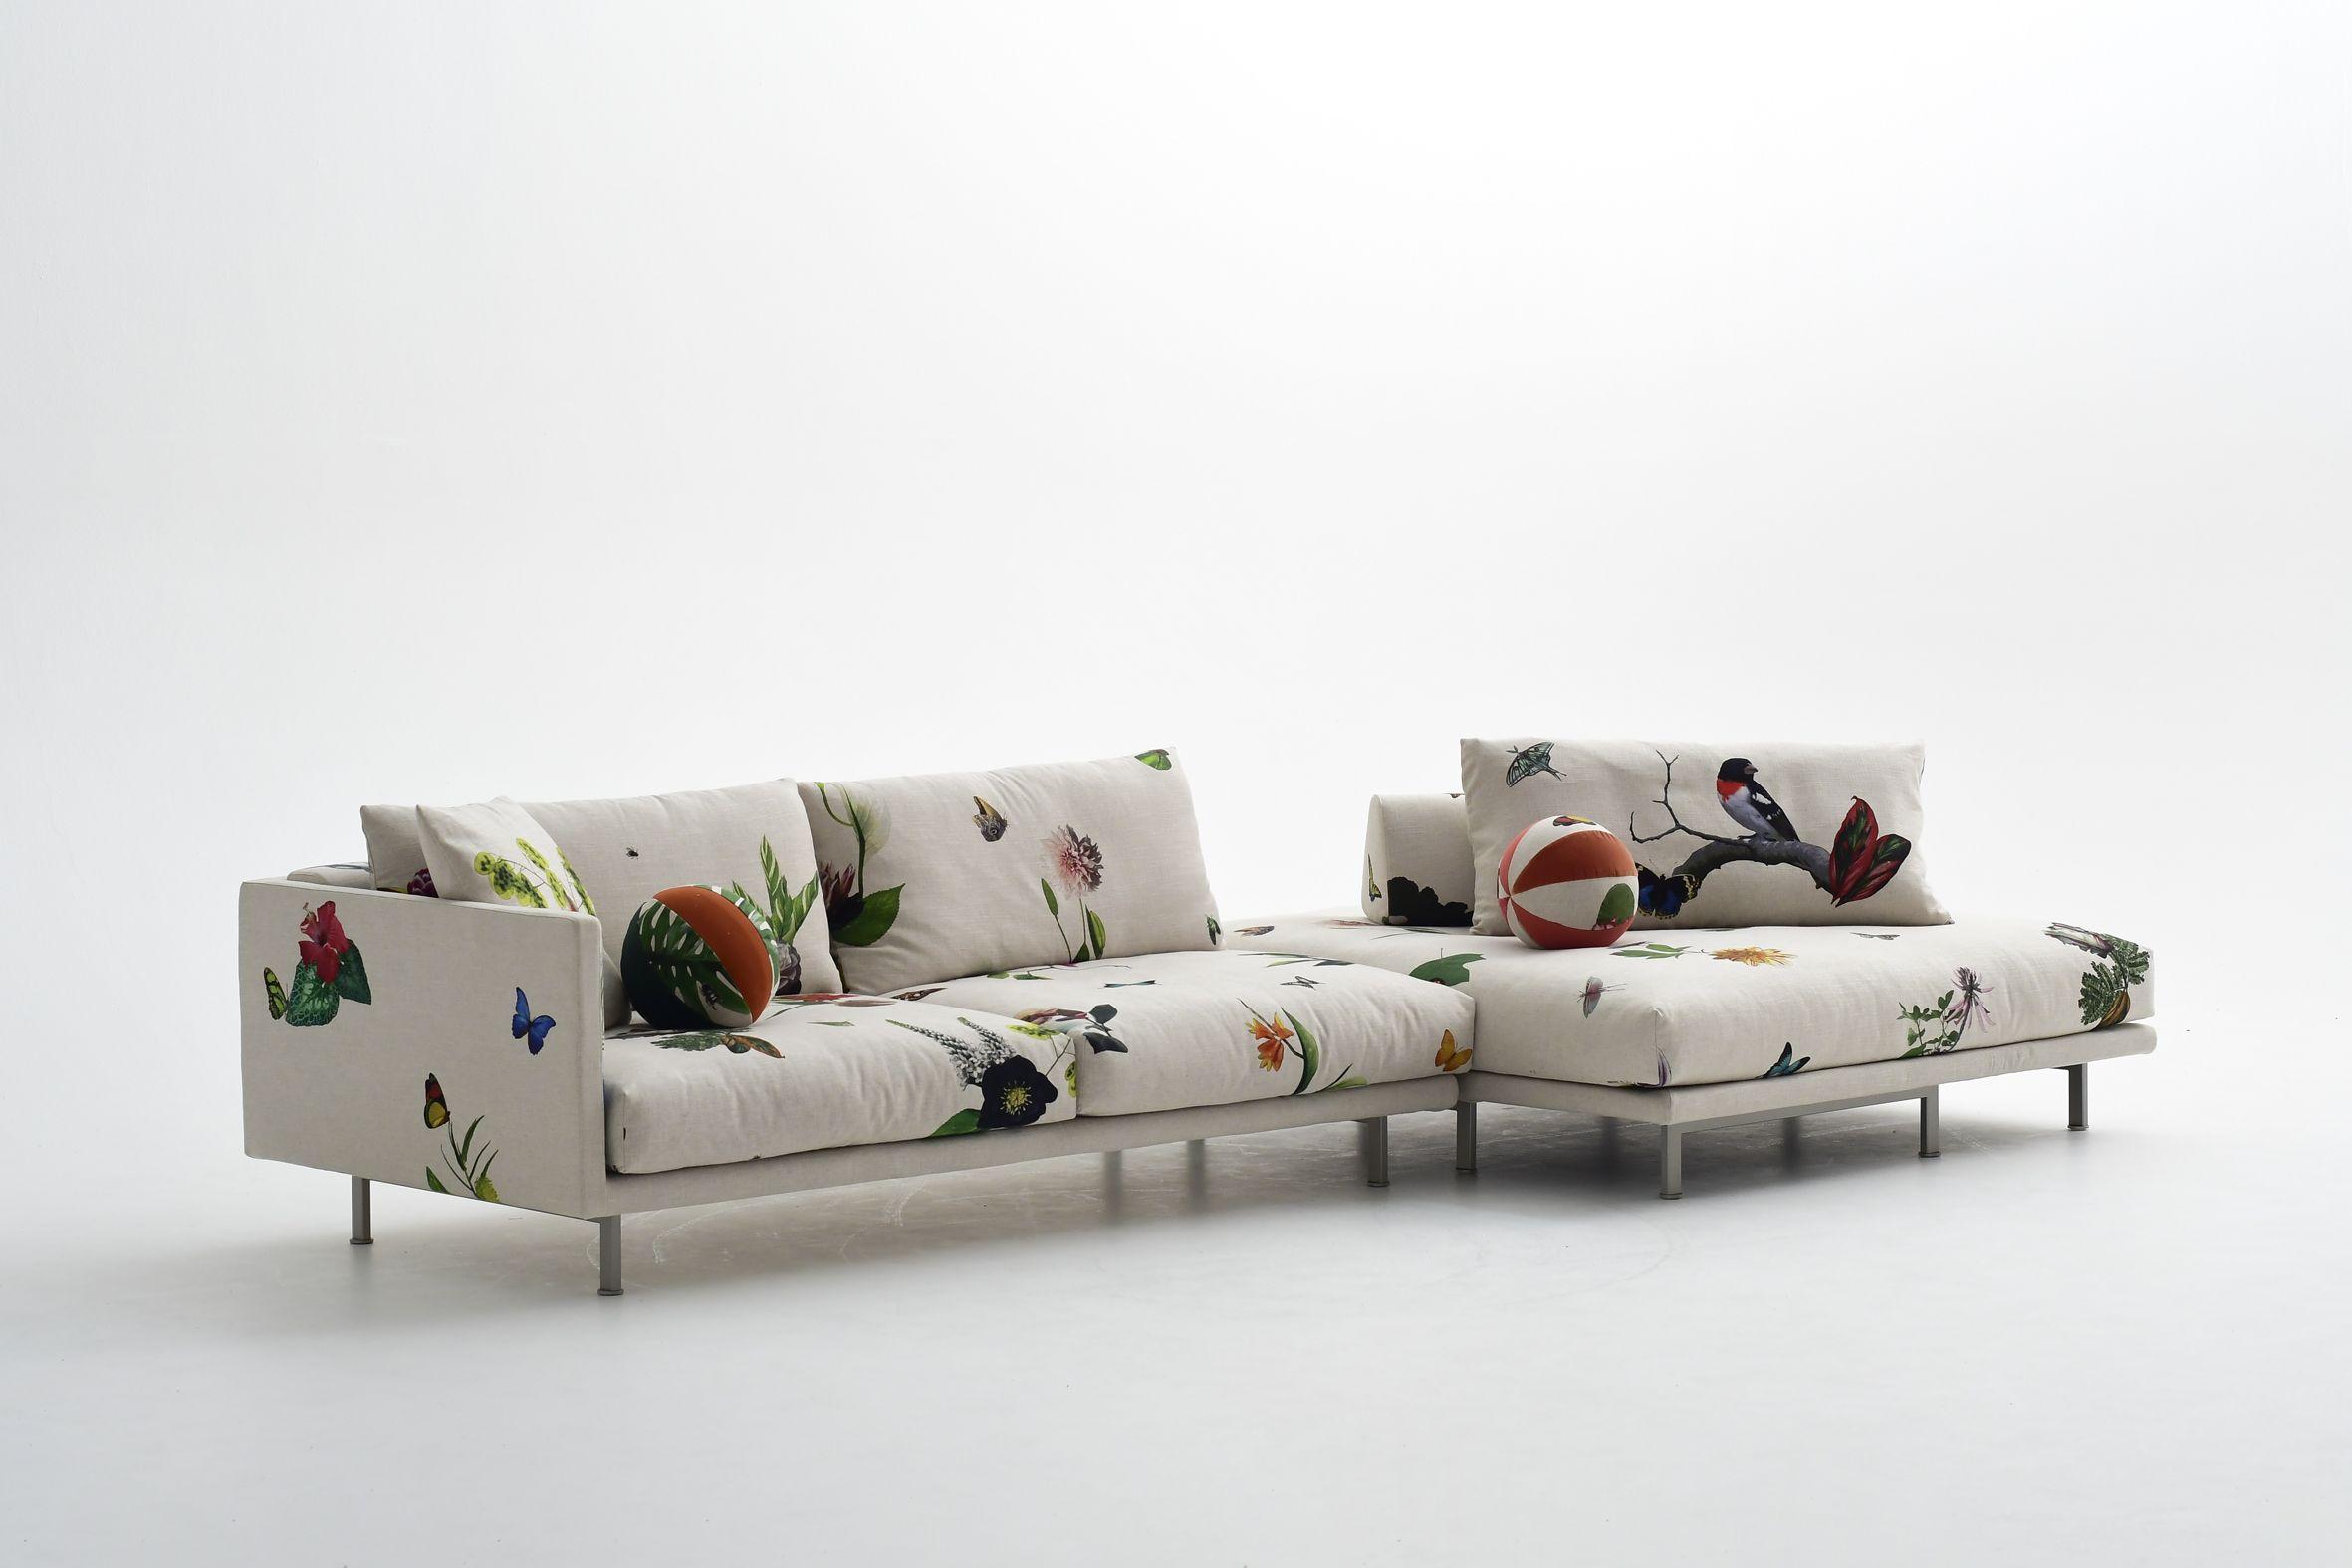 2019 的 Josh By Moroso Hub Furniture Lighting Living 主题